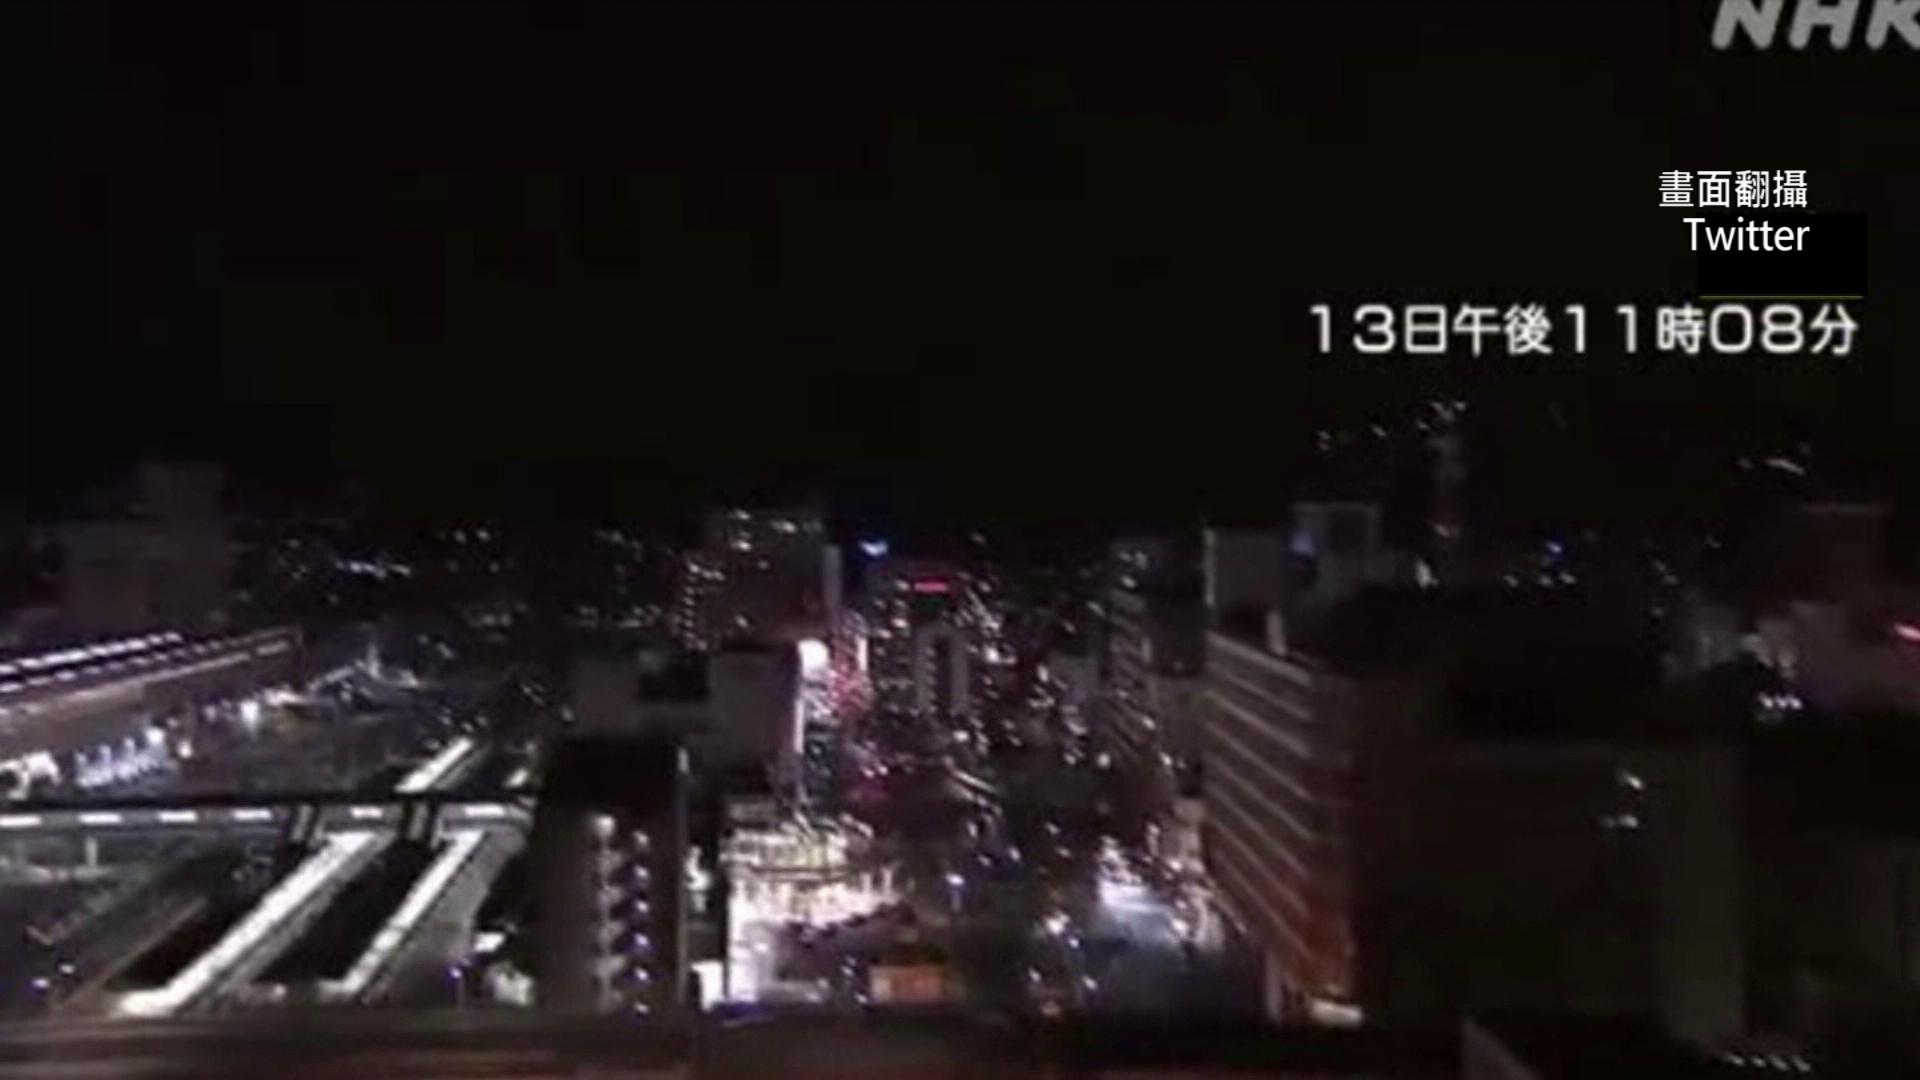 強震預兆? 日本7.3強震搖20秒...神祕「地光」瞬閃如白天